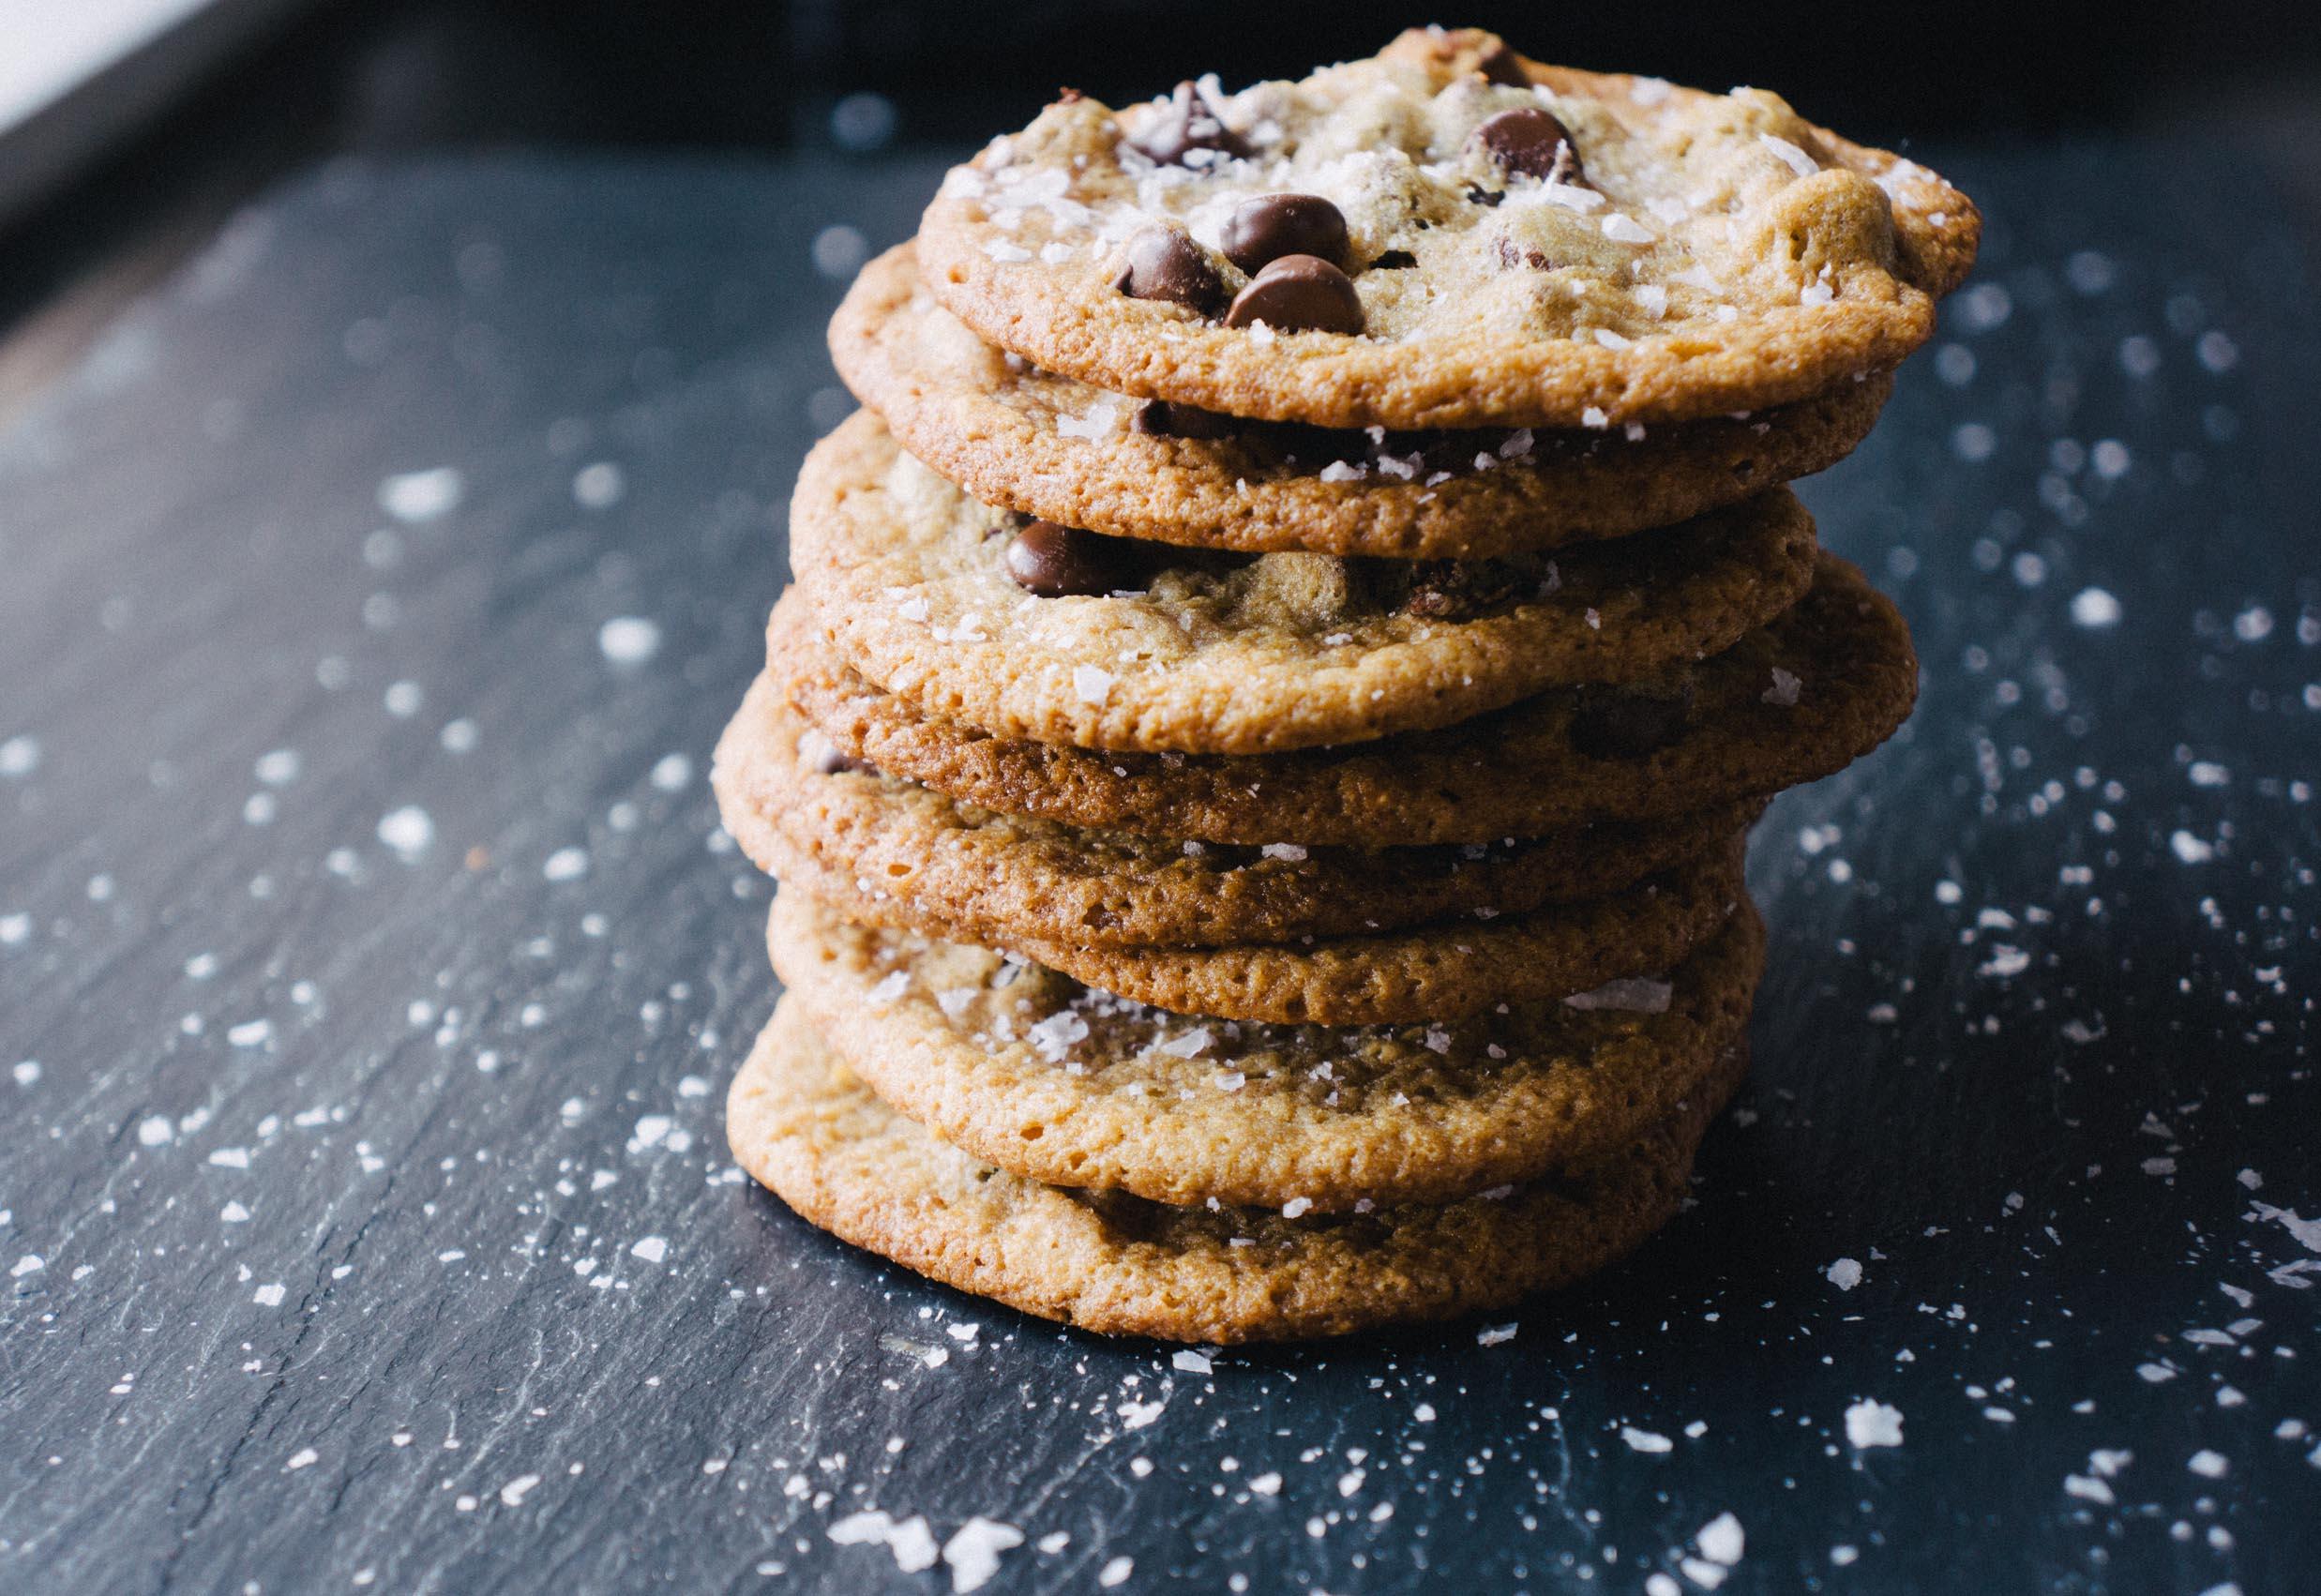 maltedchocolatechipcookies.jpg